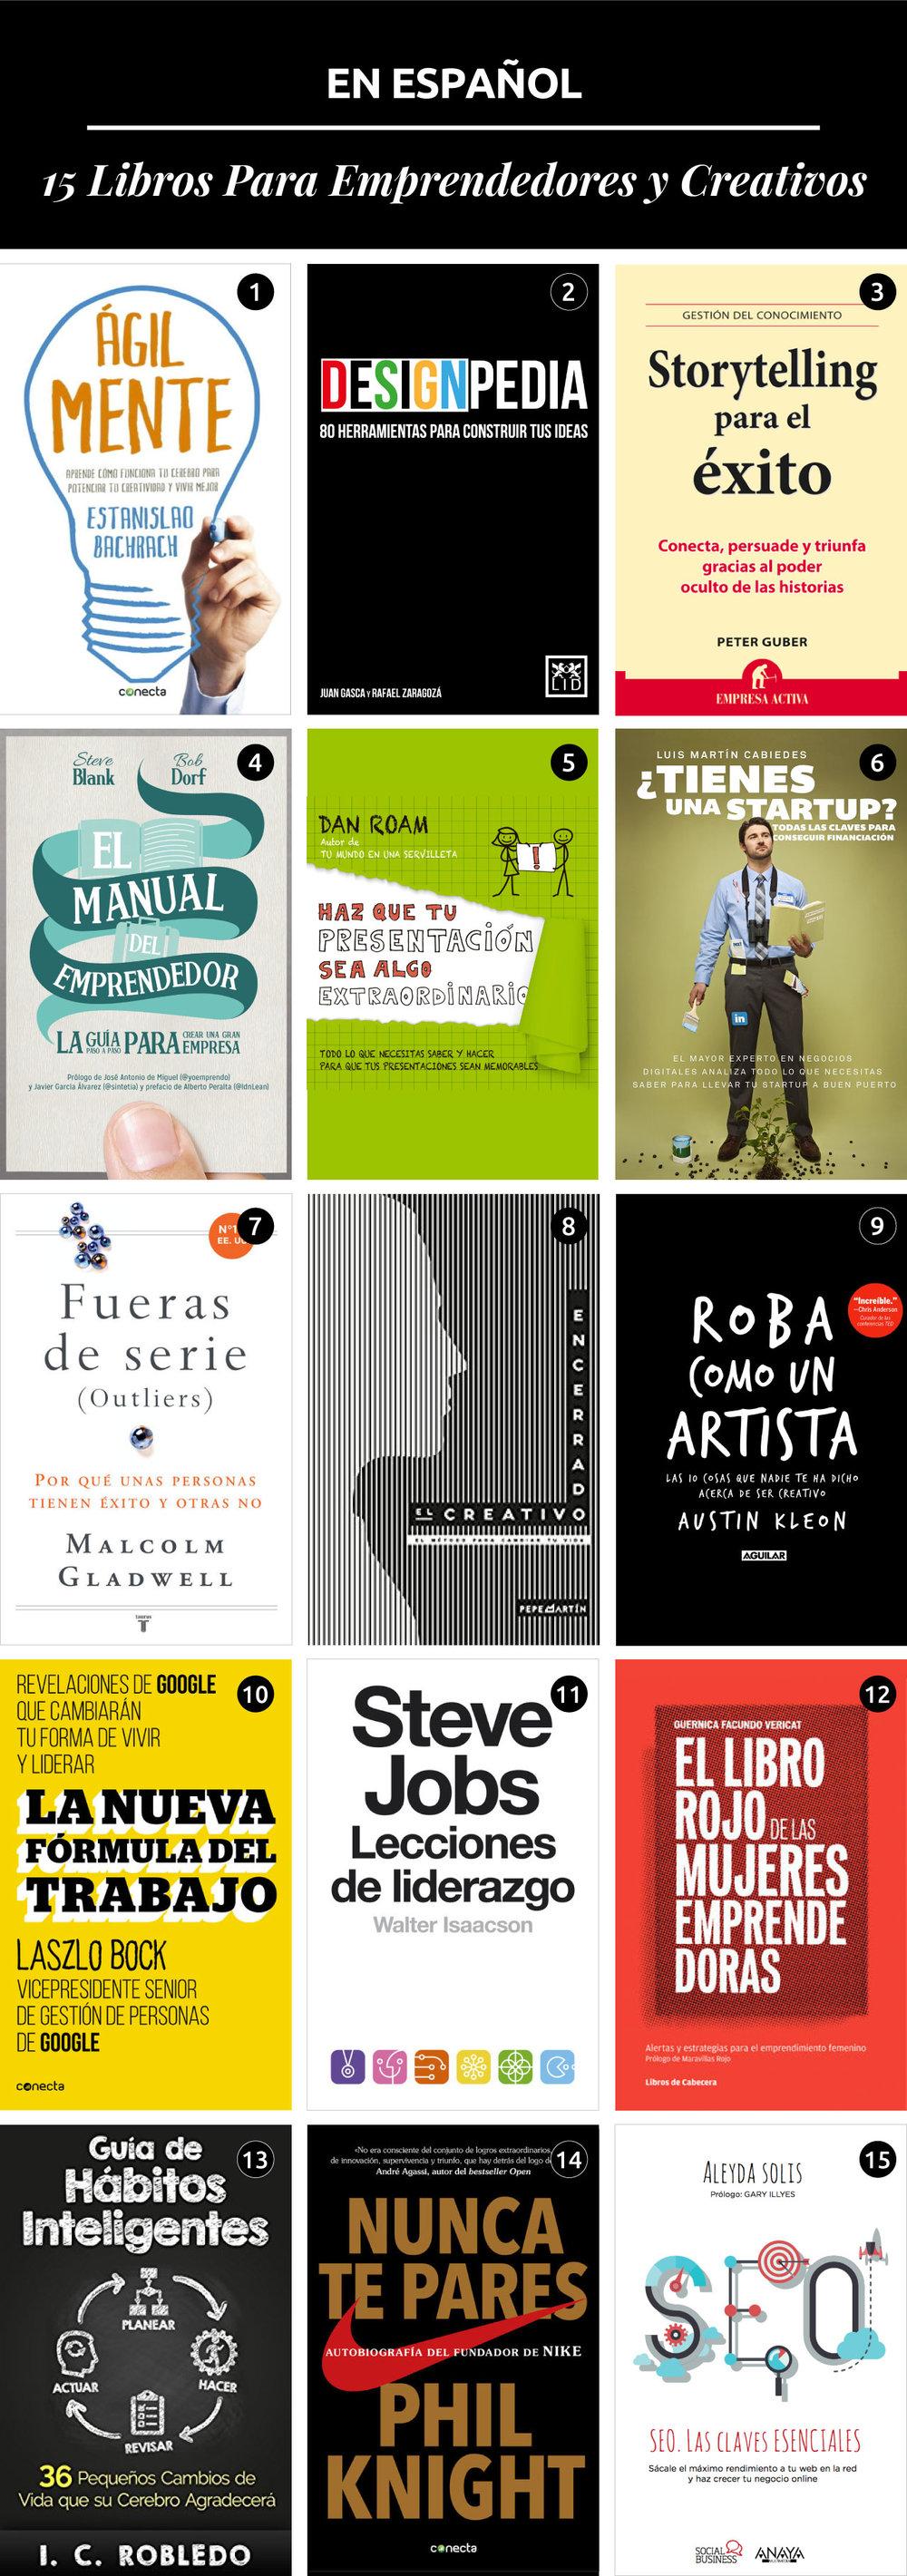 Libros Emprendedores Creativos